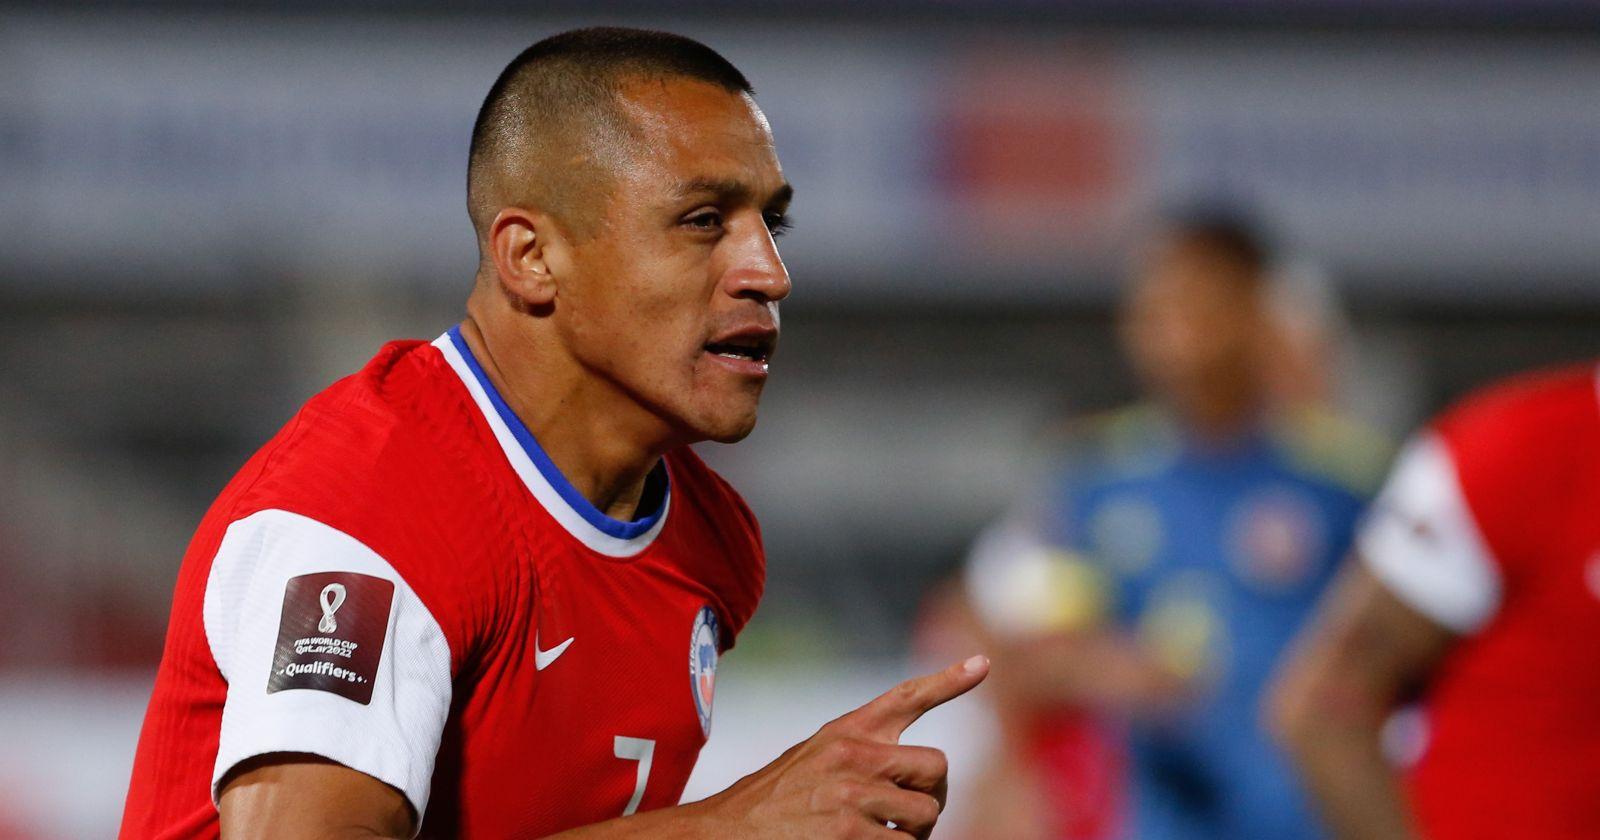 Alexis Sánchez aún sigue en duda para jugar como titular ante Perú